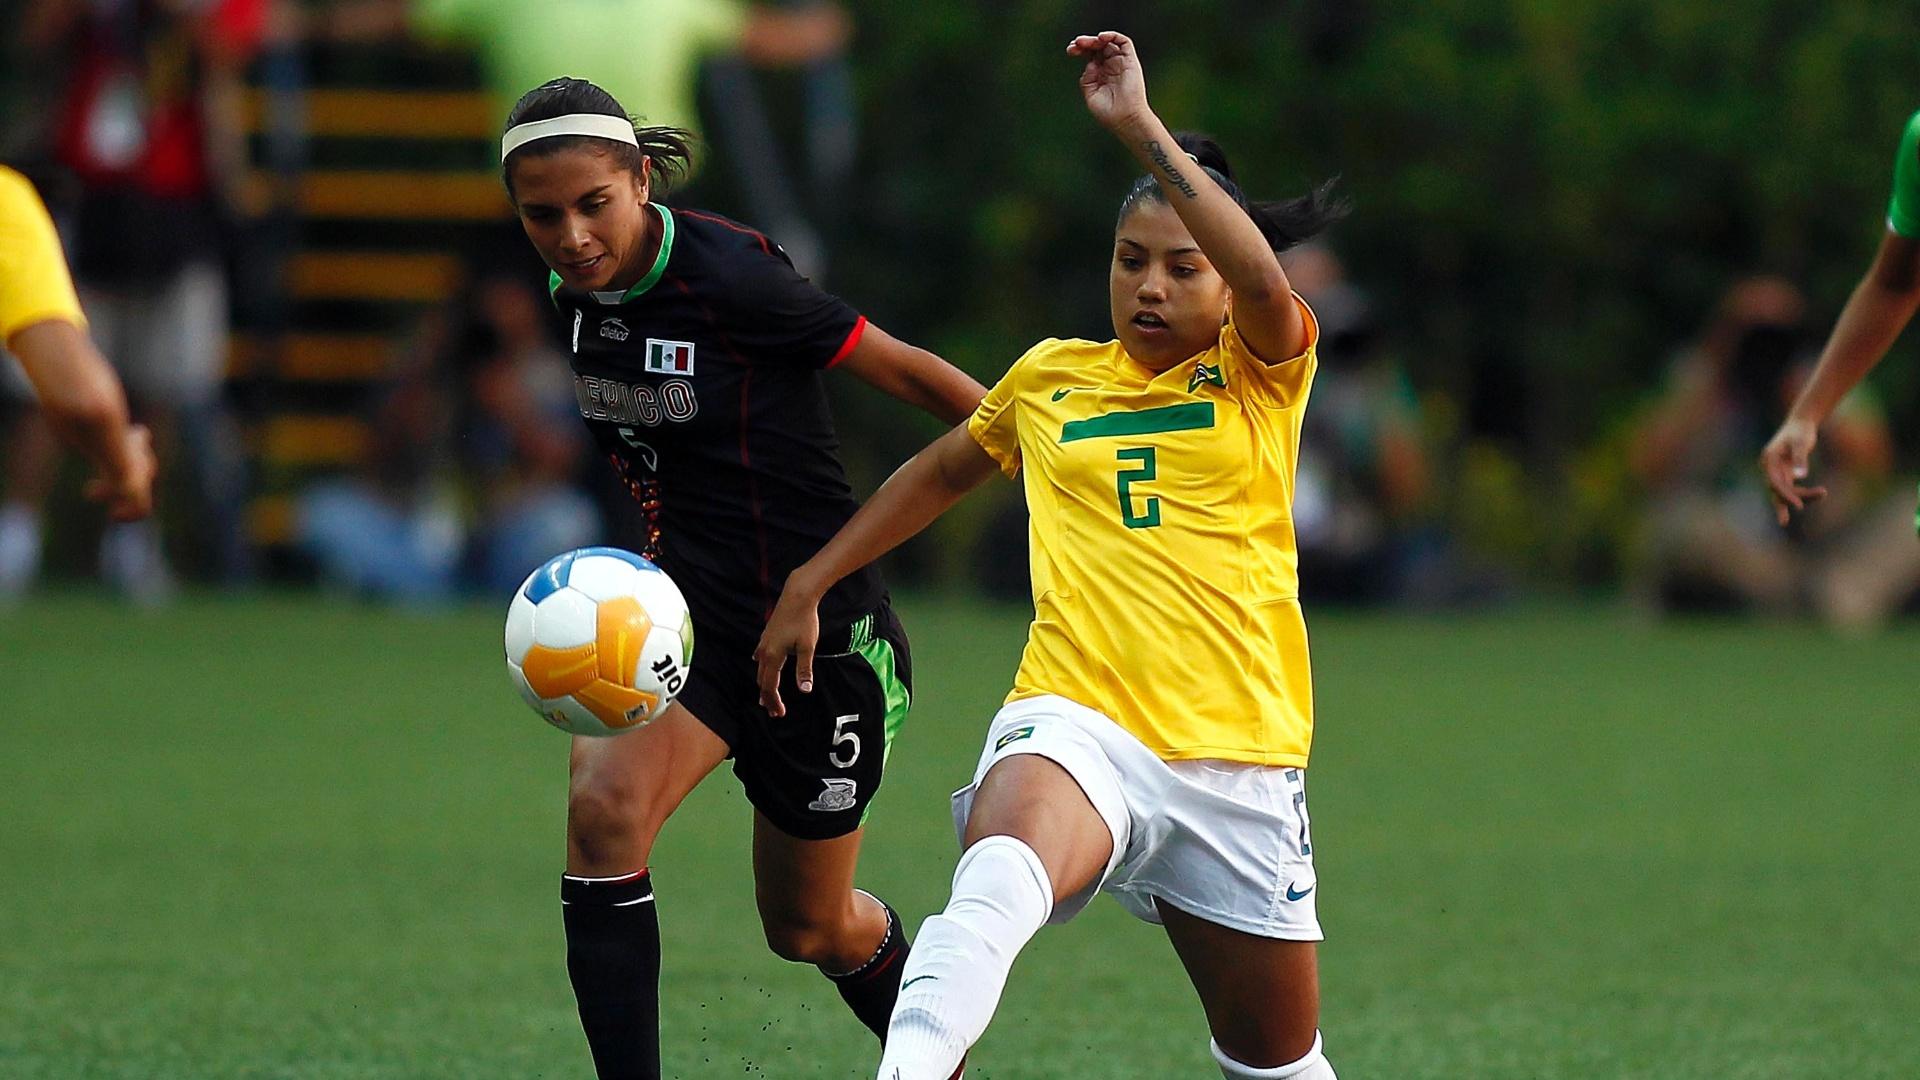 Maurine fez o gol da vitória do Brasil por 1 a 0 sobre o México na semifinal do futebol (25/10/2011)